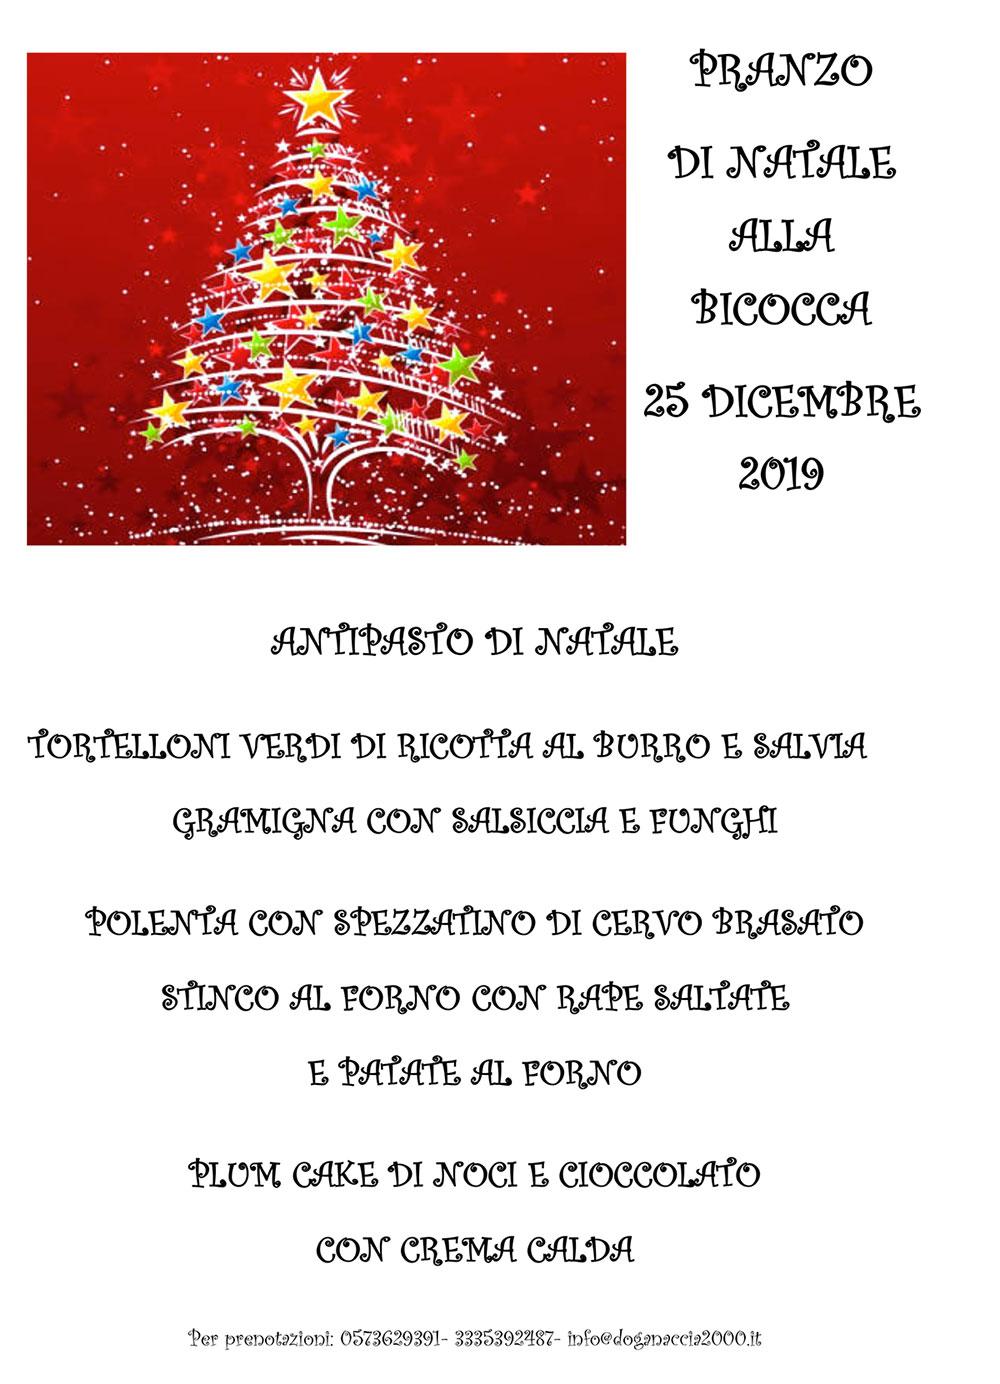 Natale 2019 alla Bicocca - Doganaccia2000